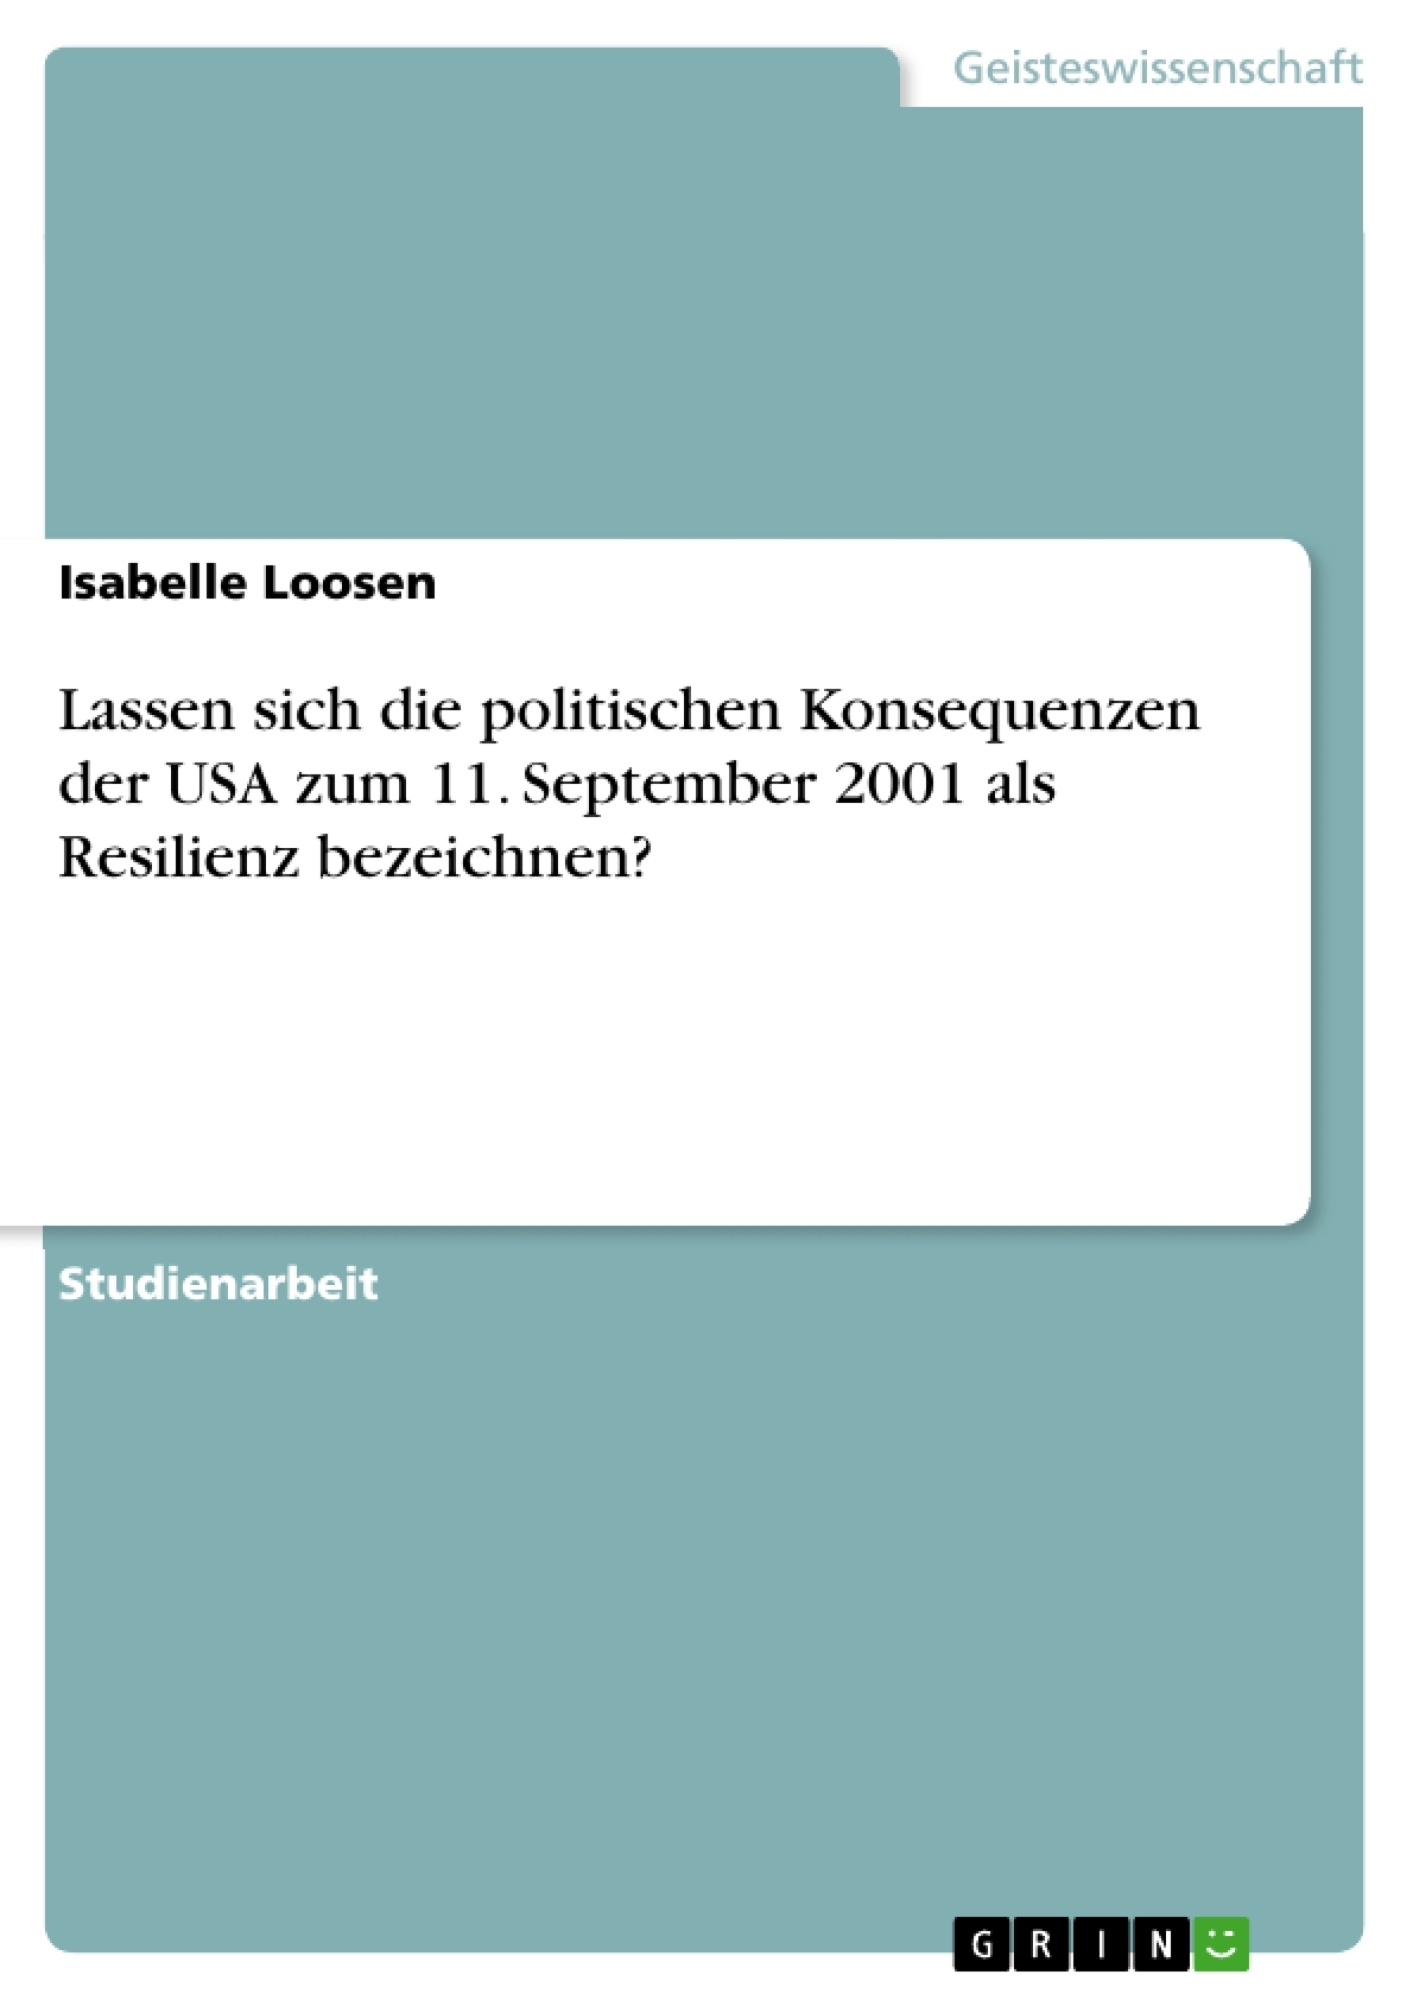 Titel: Lassen sich die politischen Konsequenzen der USA zum 11. September 2001 als Resilienz bezeichnen?